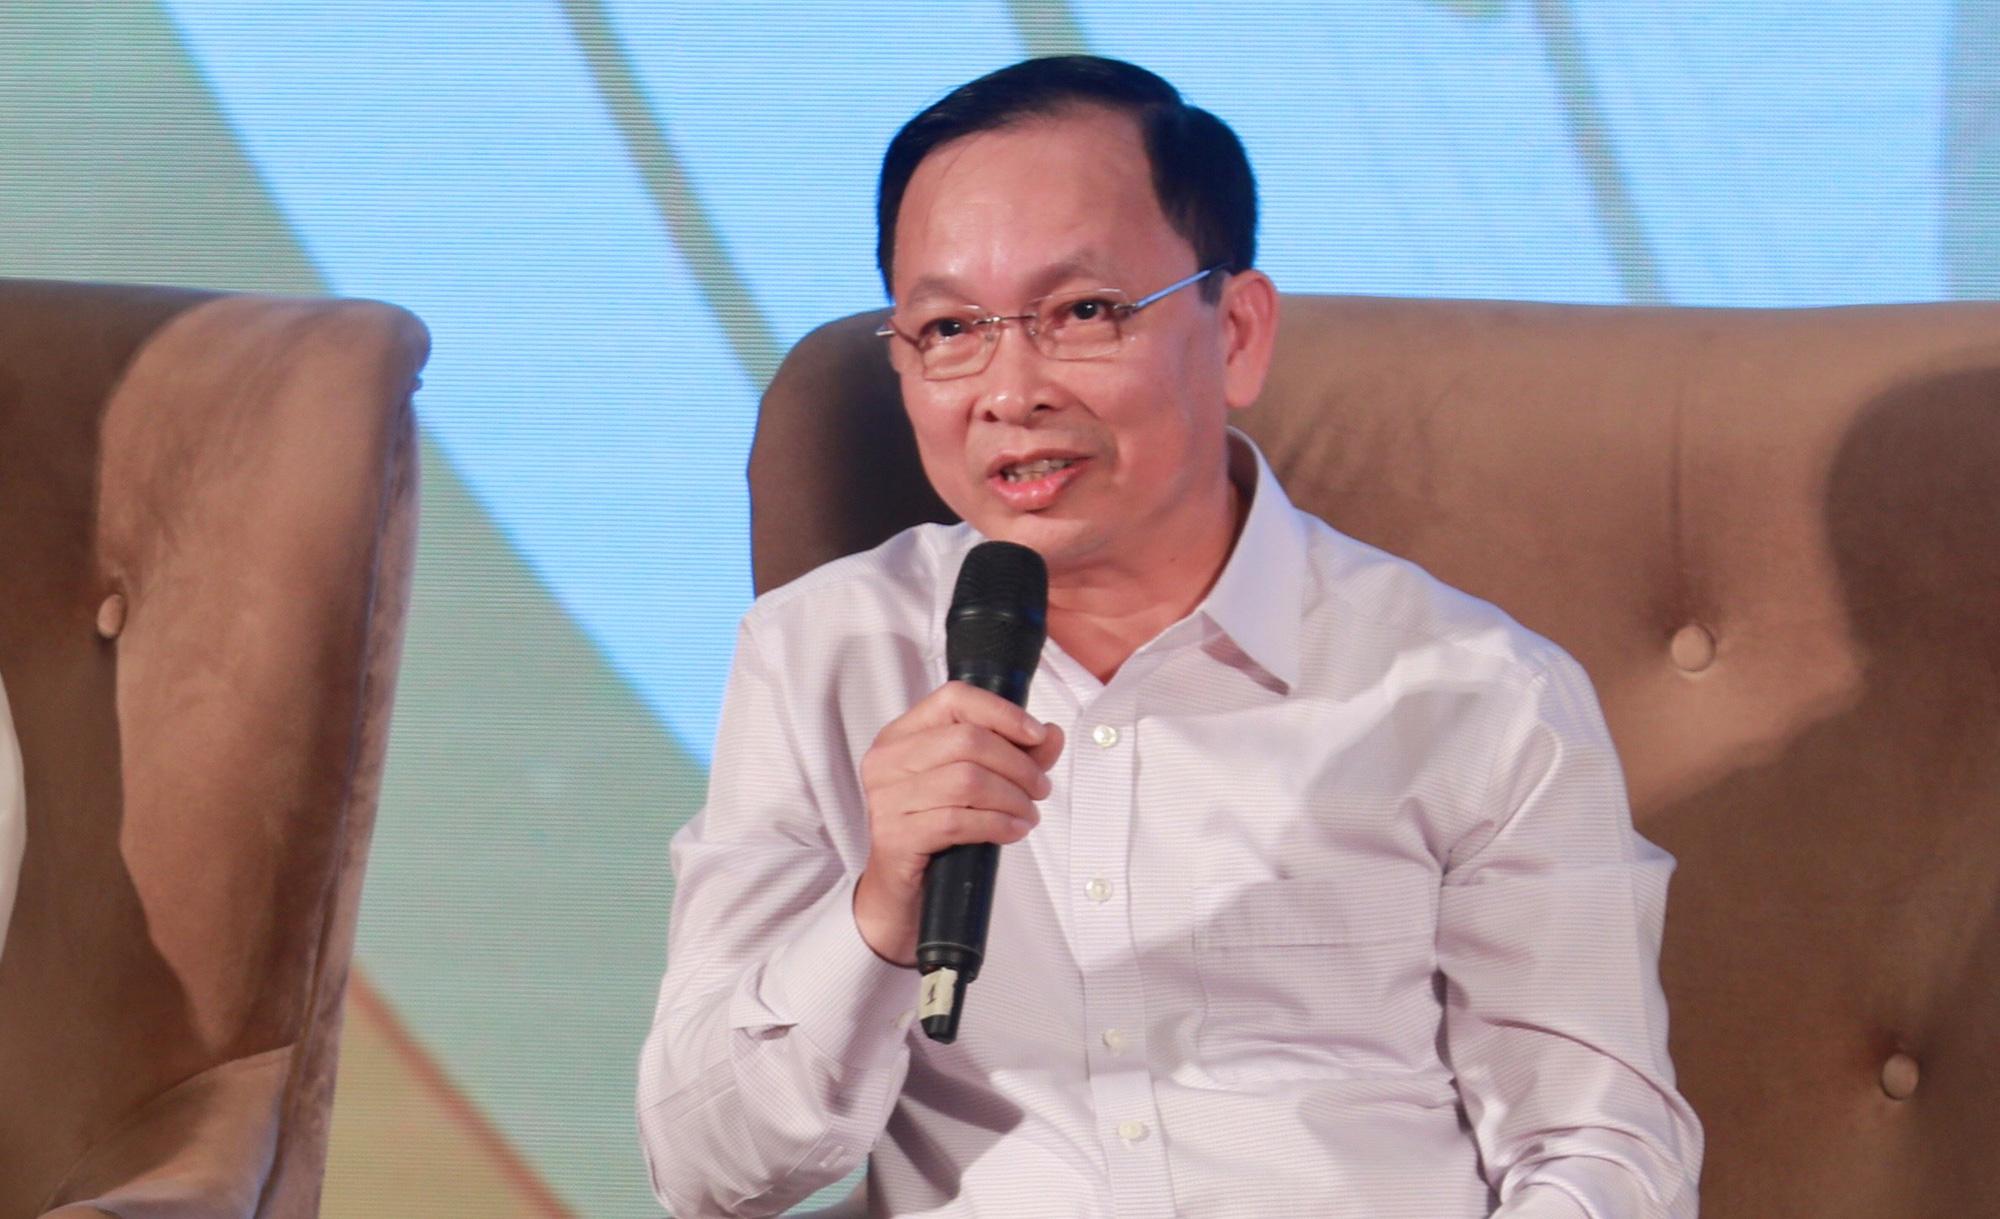 Phó Thống đốc Đào Minh Tú: Đồng ý cho vay phí bảo hiểm, giảm lãi vay - Ảnh 1.